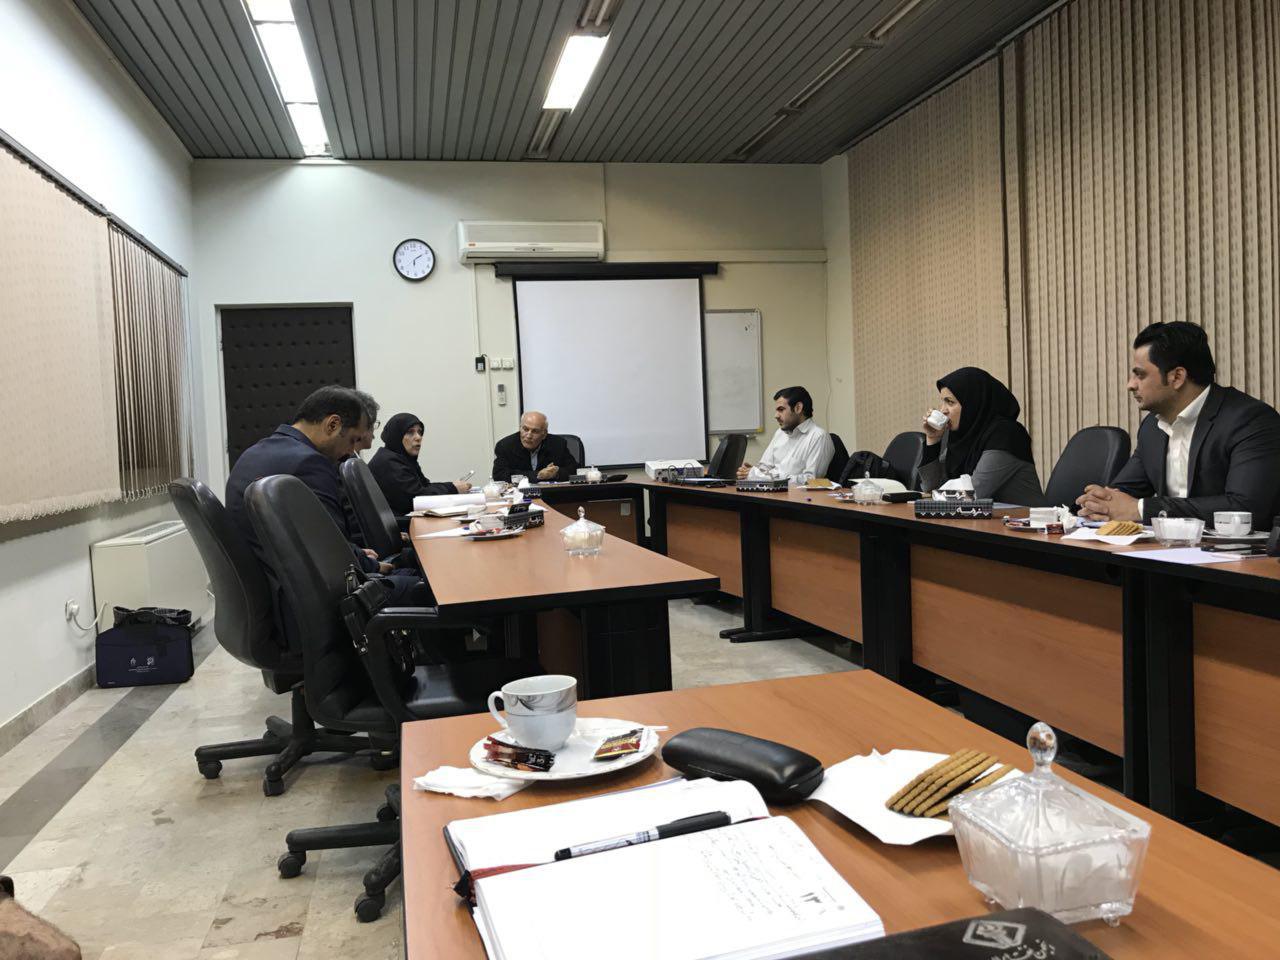 نشست علمی روابط بین الملل انجمن فنّاوری های بومی ایران